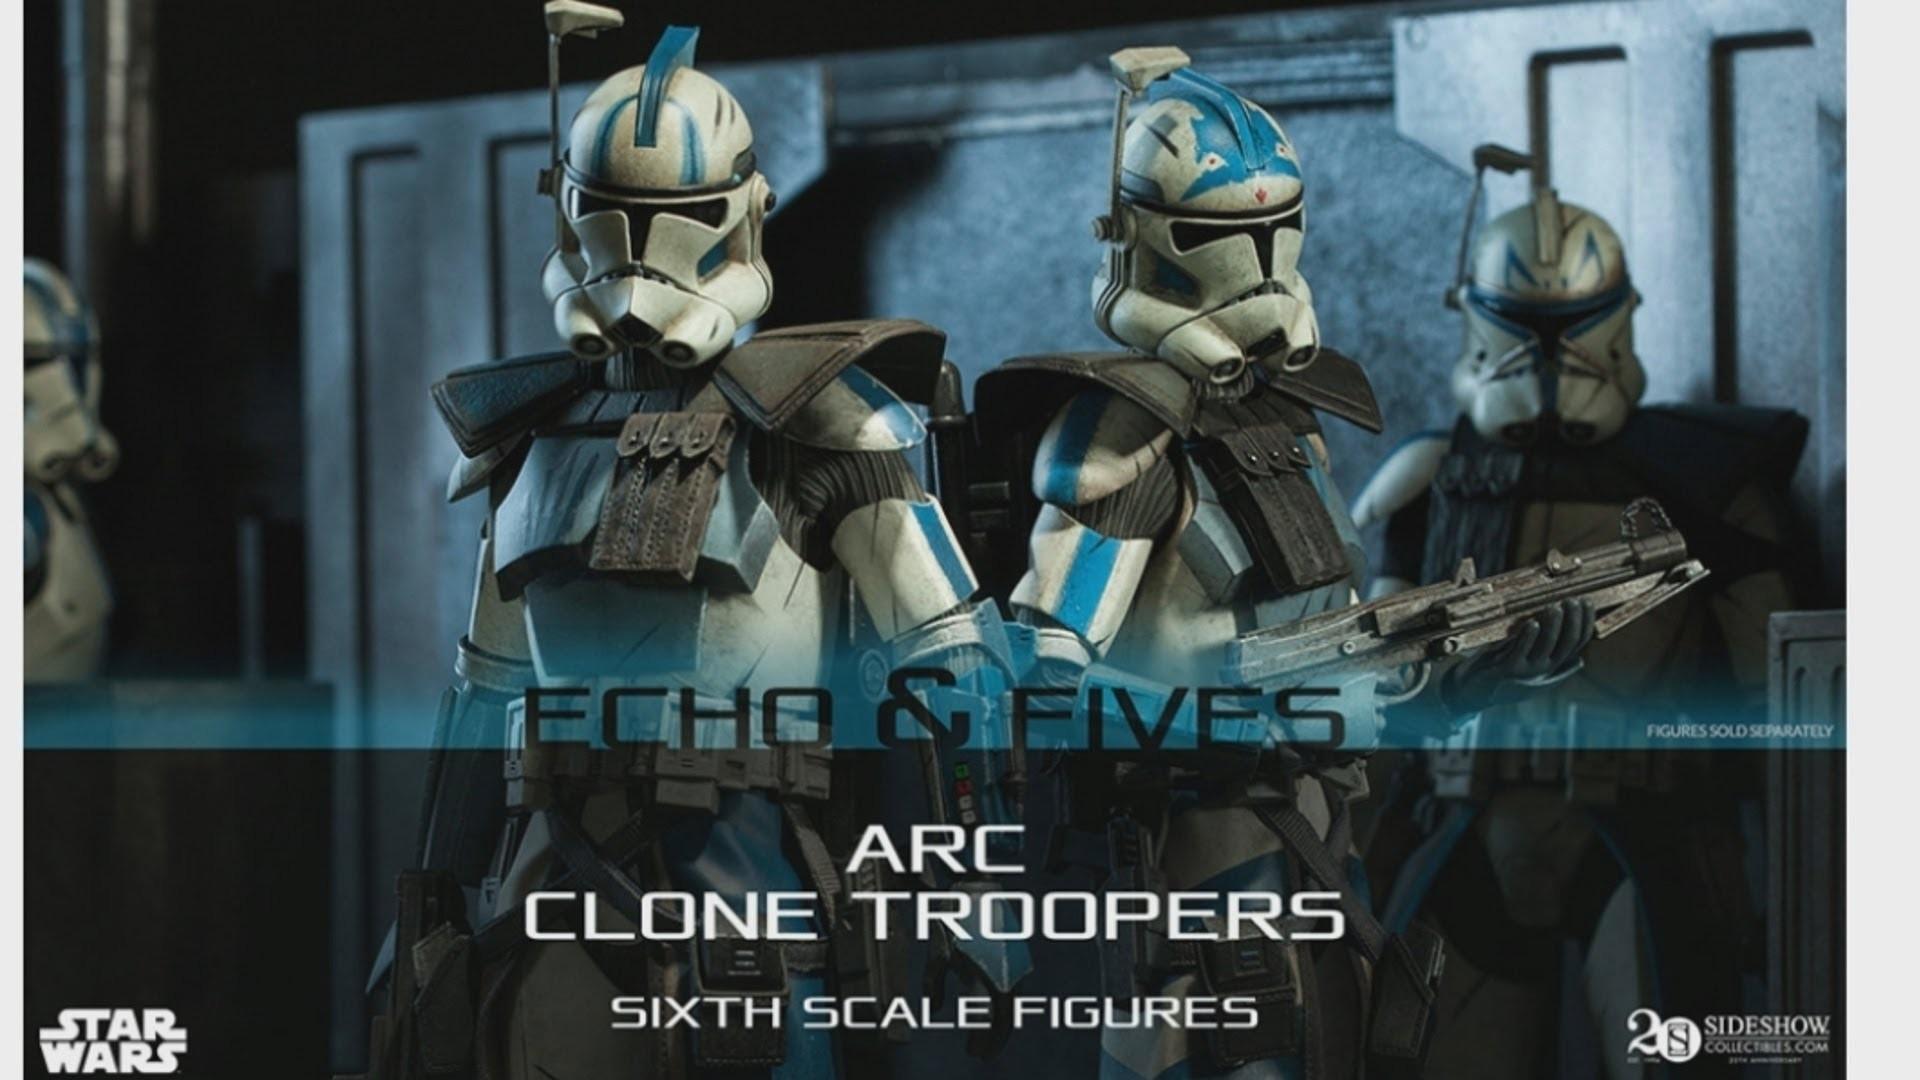 501st Clone Trooper Wallpaper VV37D67   Picseriocom 1920x1080